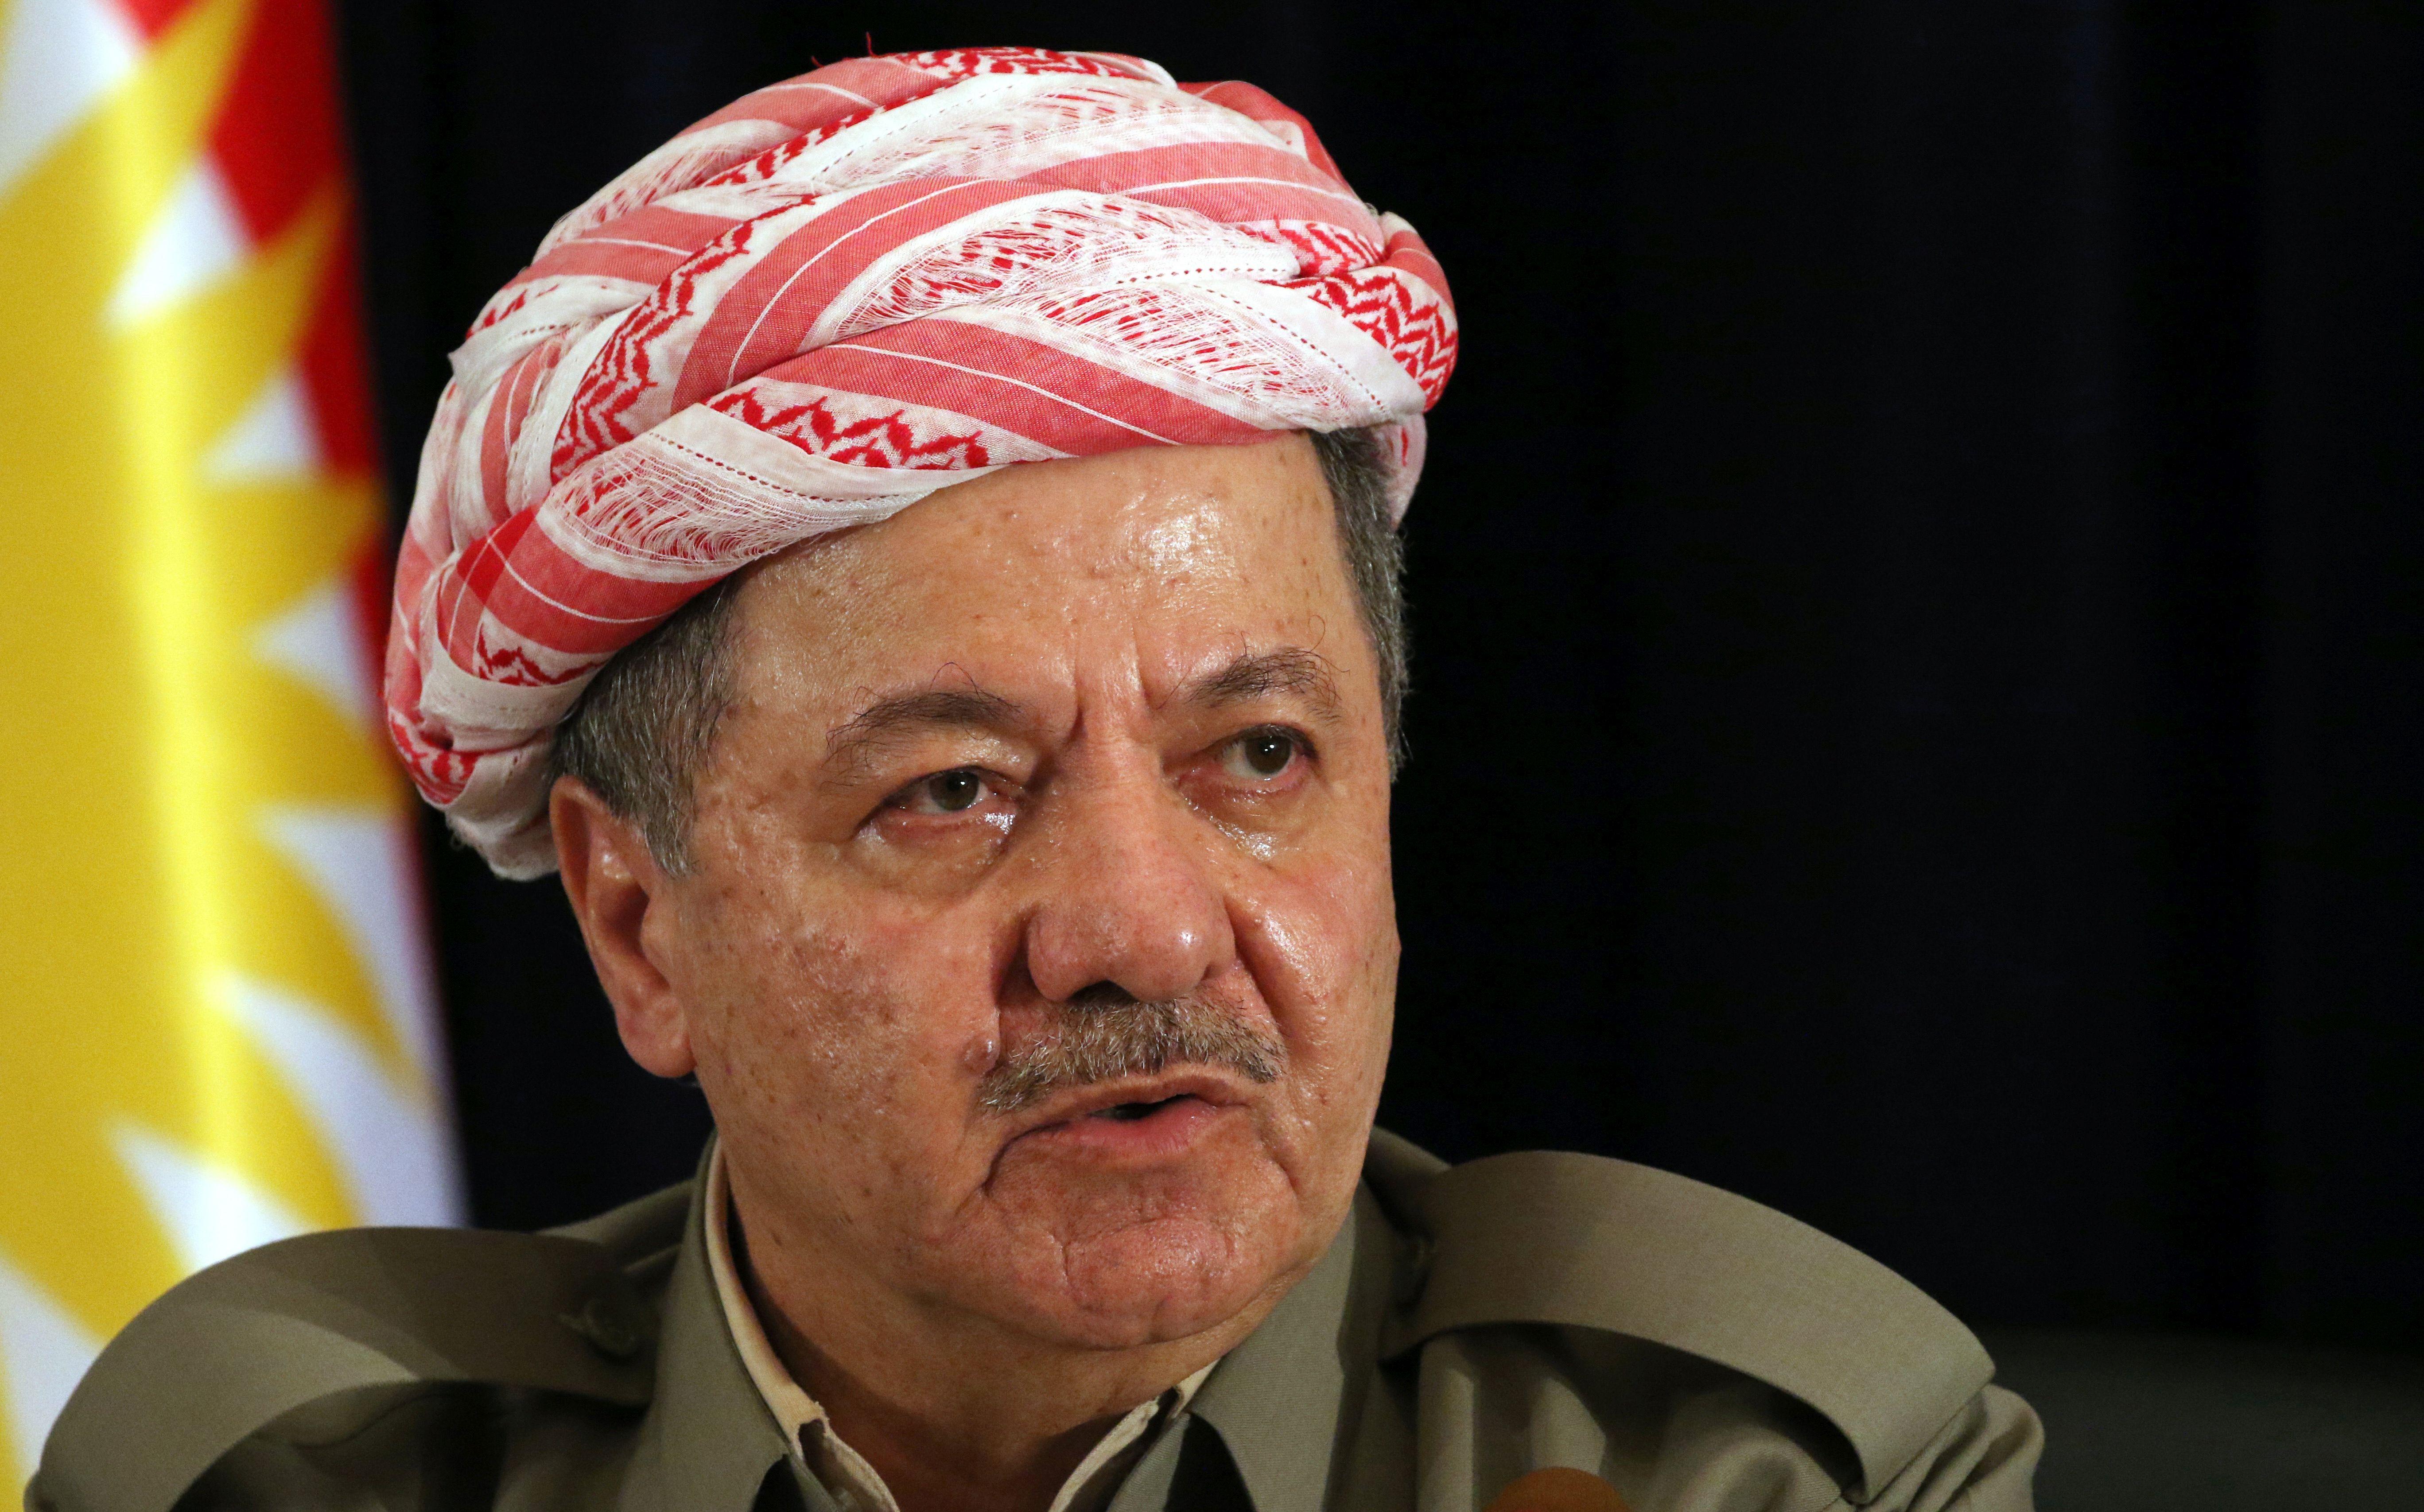 Kurdski čelnici odbili zahtjev Bagdada za poništenjem referenduma o neovisnosti